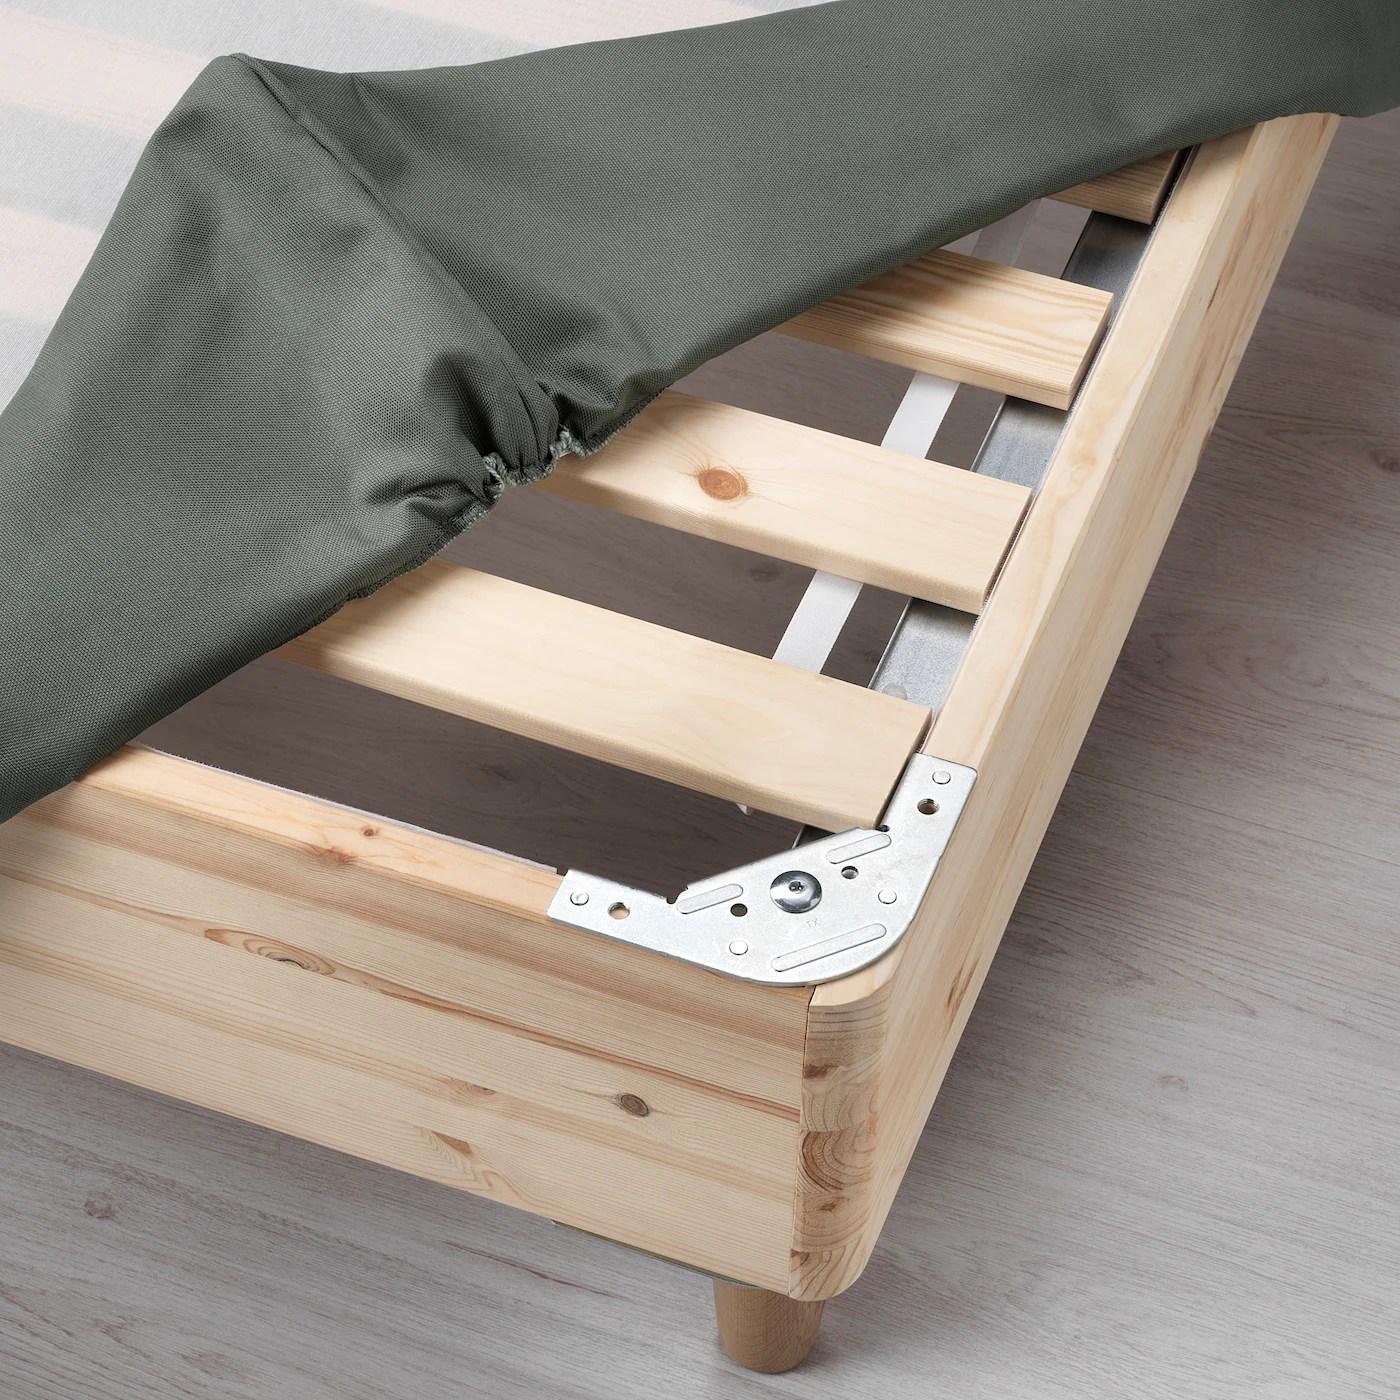 Espevar Sommier A Lattes Gris Fonce 140x200 Cm Ikea